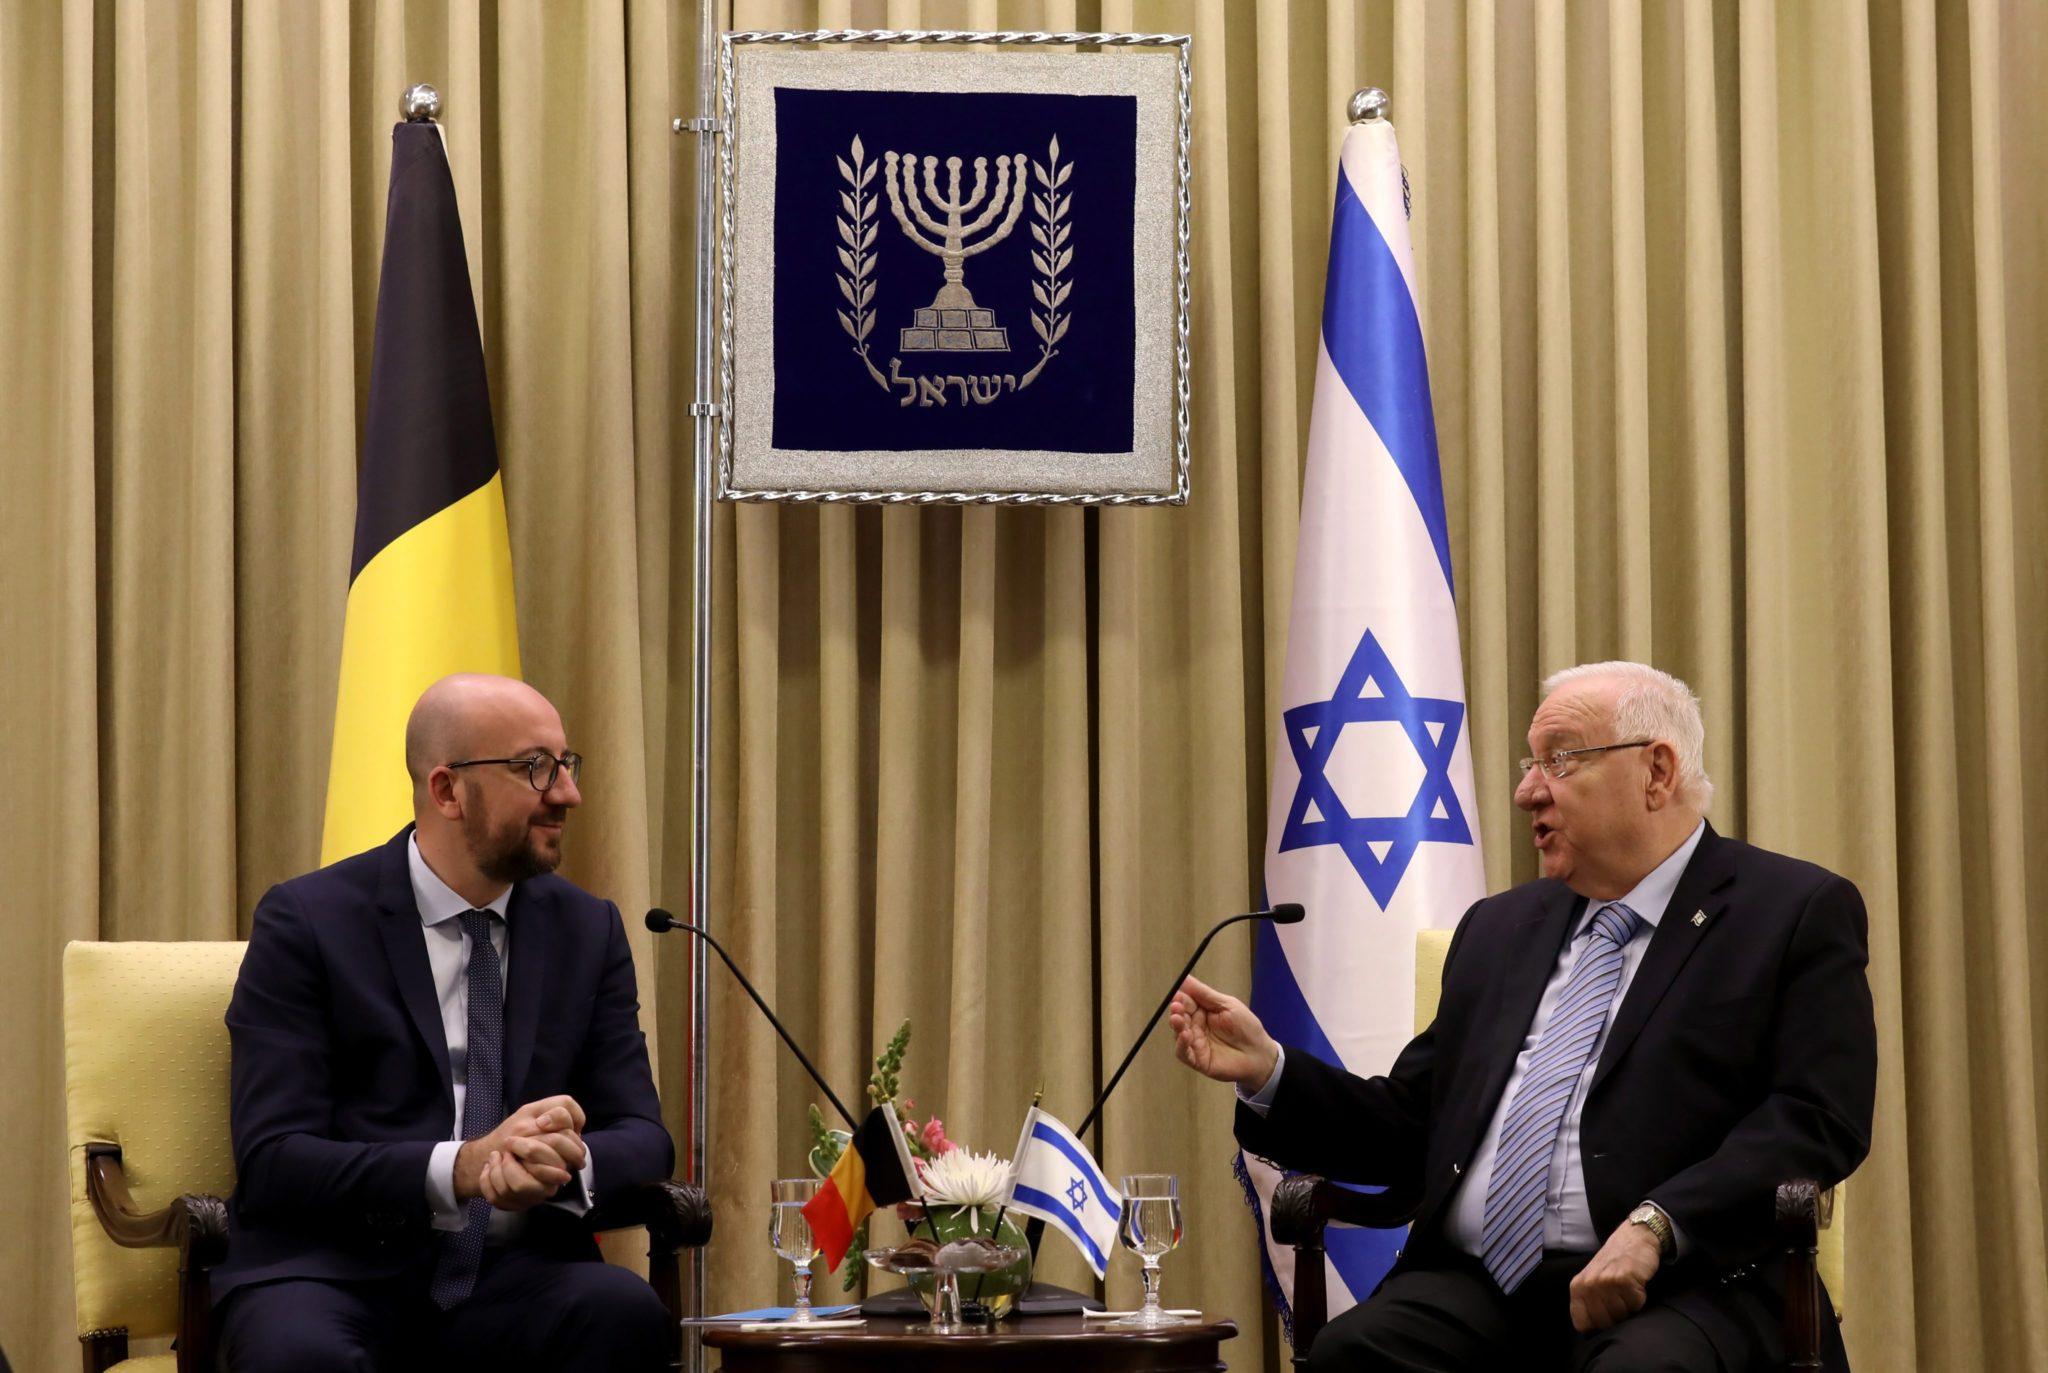 Izrael: wizyta premiera Belgii w Jerozolimie (foto. PAP/EPA/GALI TIBBON)